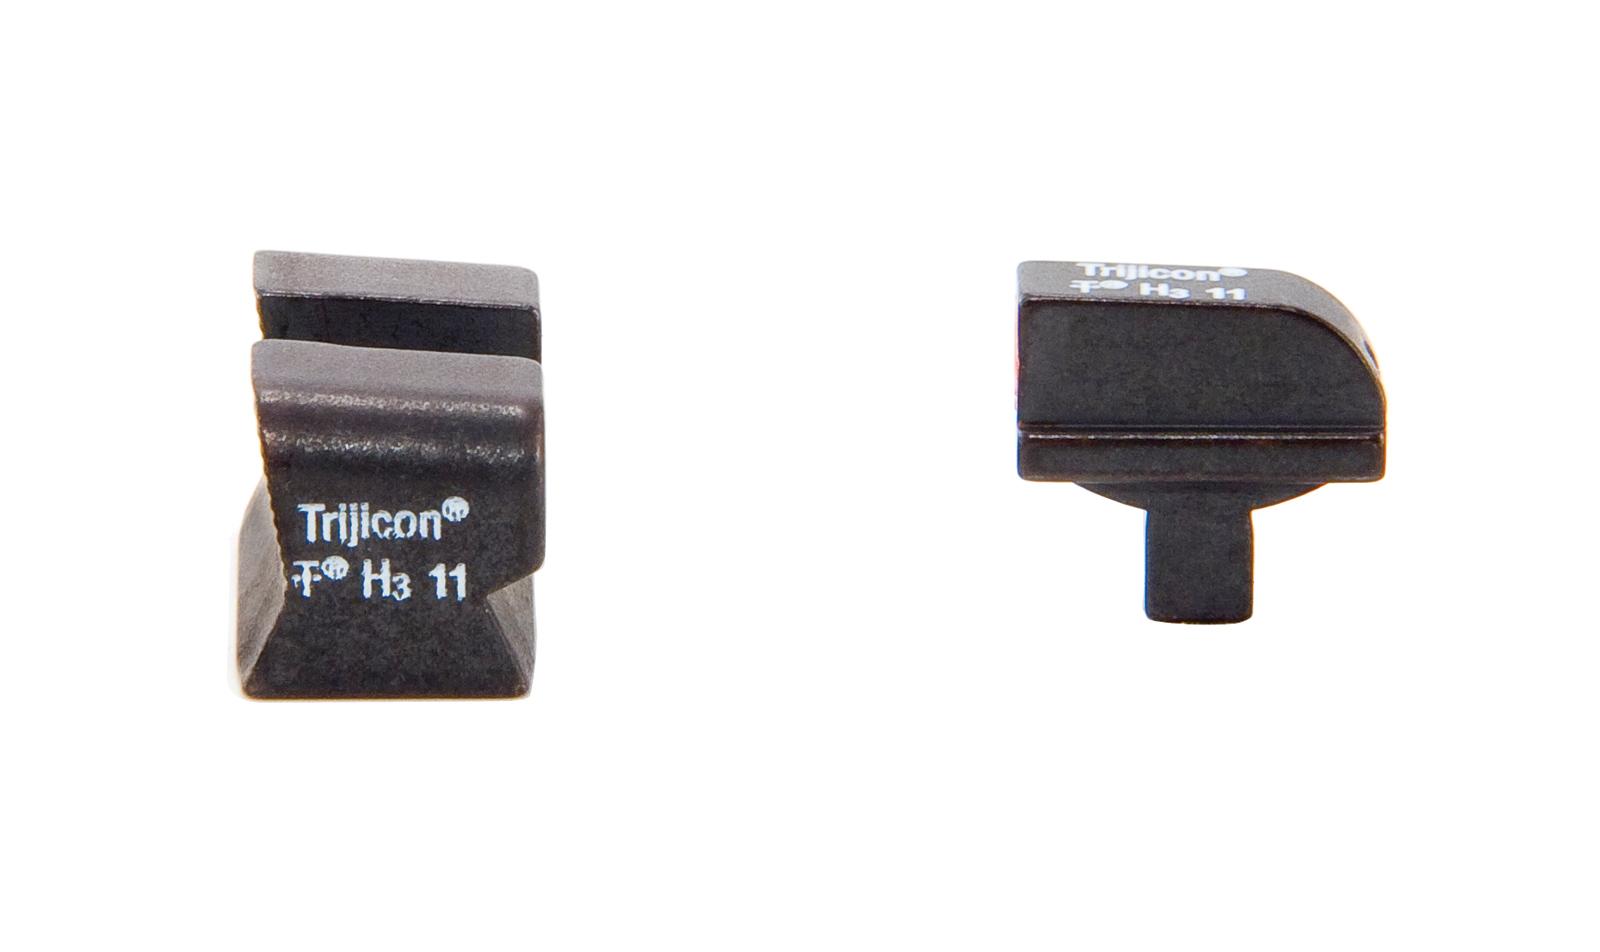 CA110-C-600817 angle 2